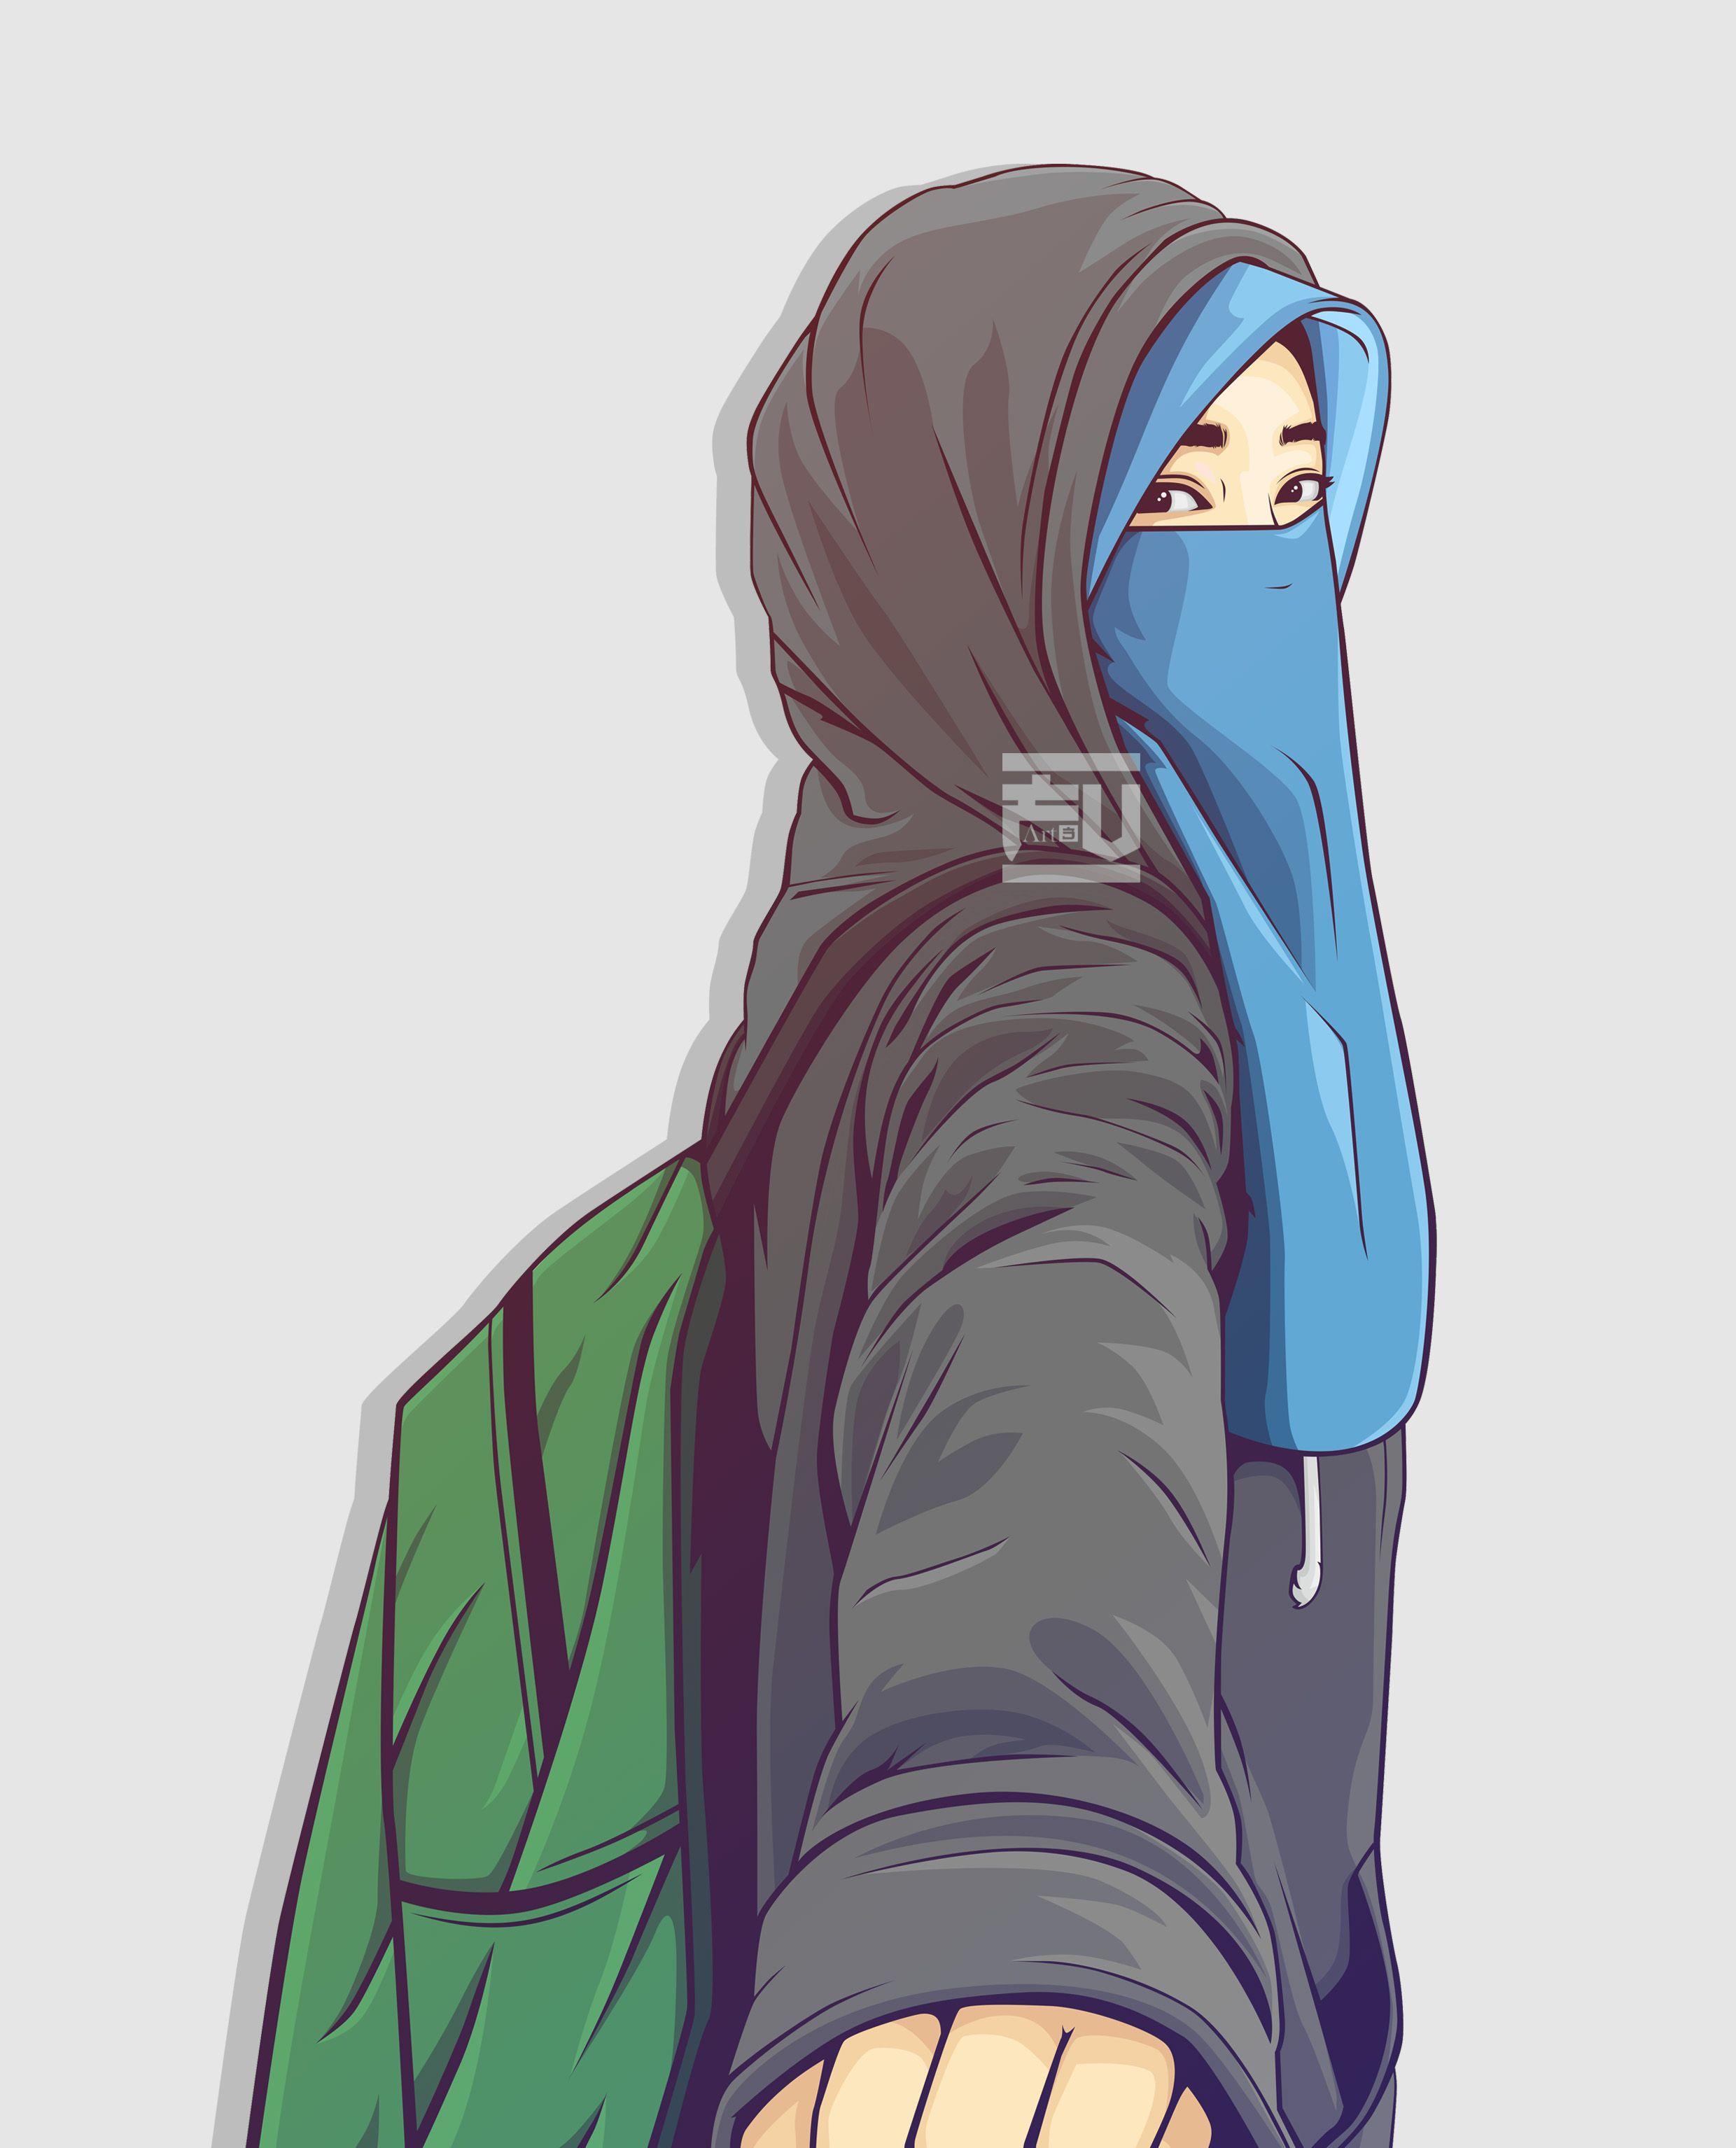 Koleksi kartun hijab cantik kartun hijab ini sempat menginspirasi saya bahwa sebuah kartun yang berhijab saja sangat indah kita lihat apa lagi kalau kita yang menggunakannya. Top Gambar Kartun Anak Muslim Vector   Design Kartun.